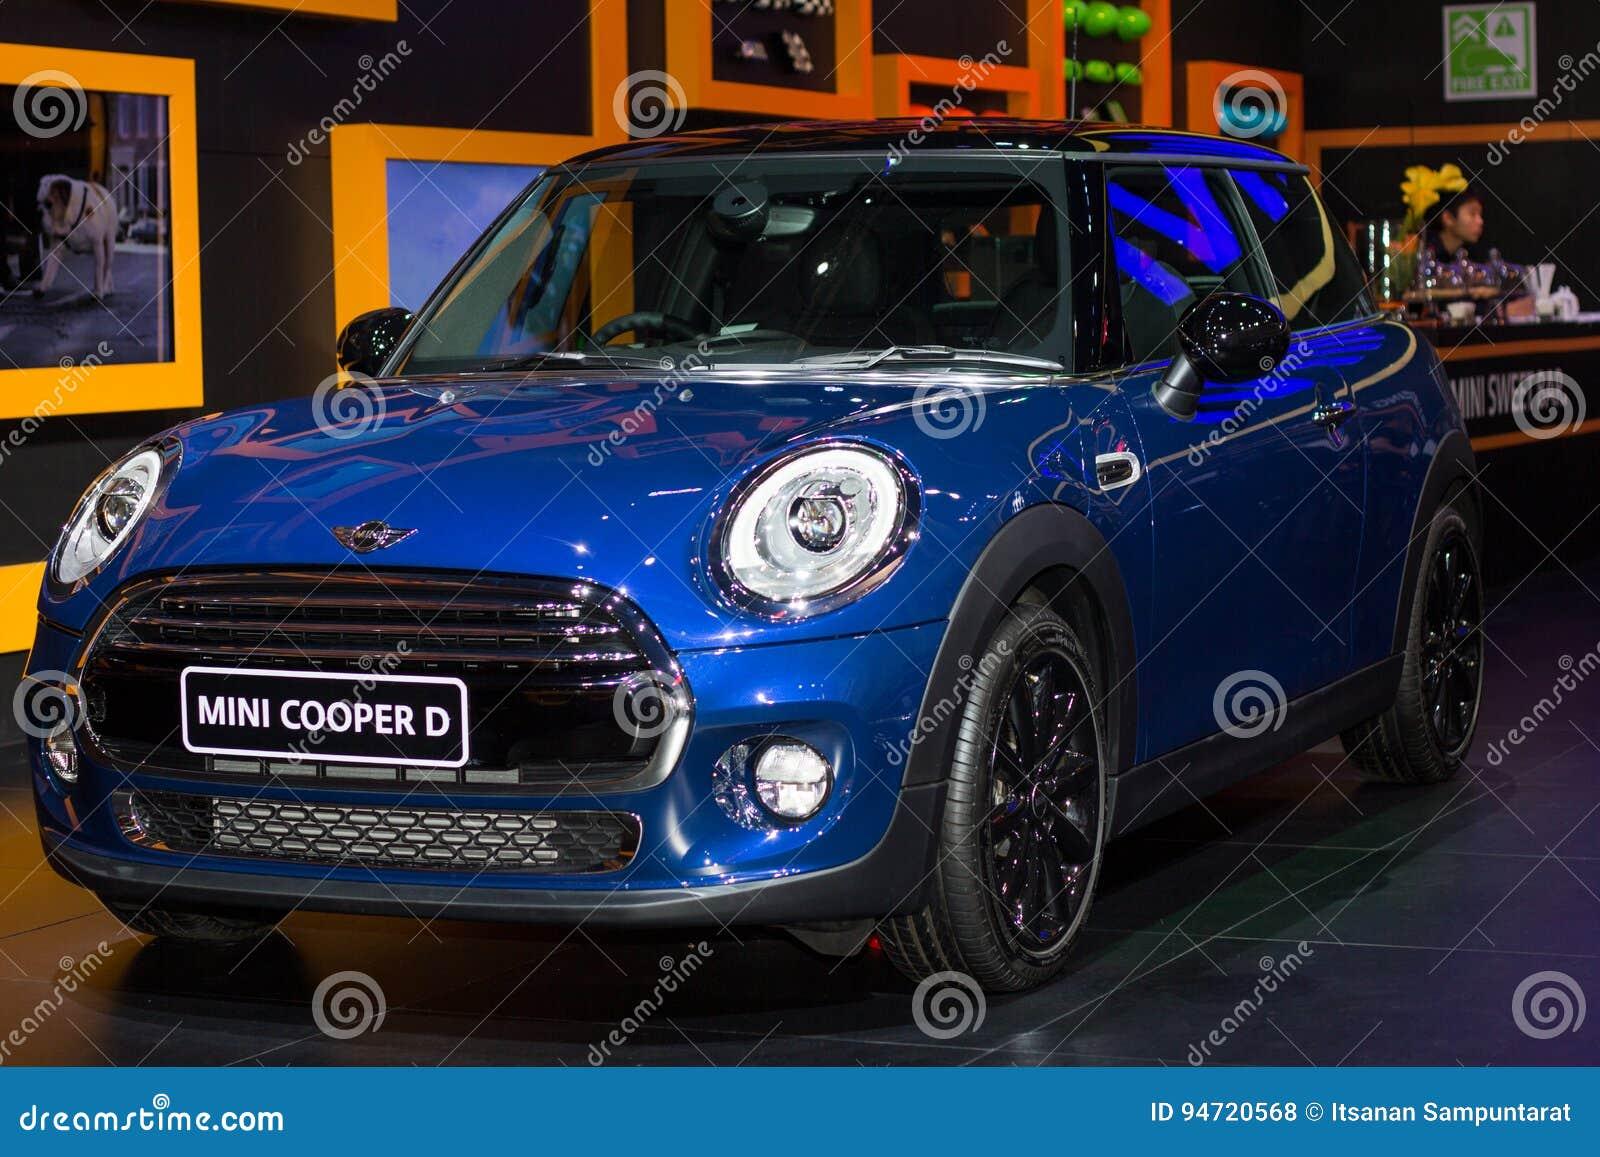 Nouveau Modèle De Mini Cooper Présenté Dans Le Salon De Lautomobile